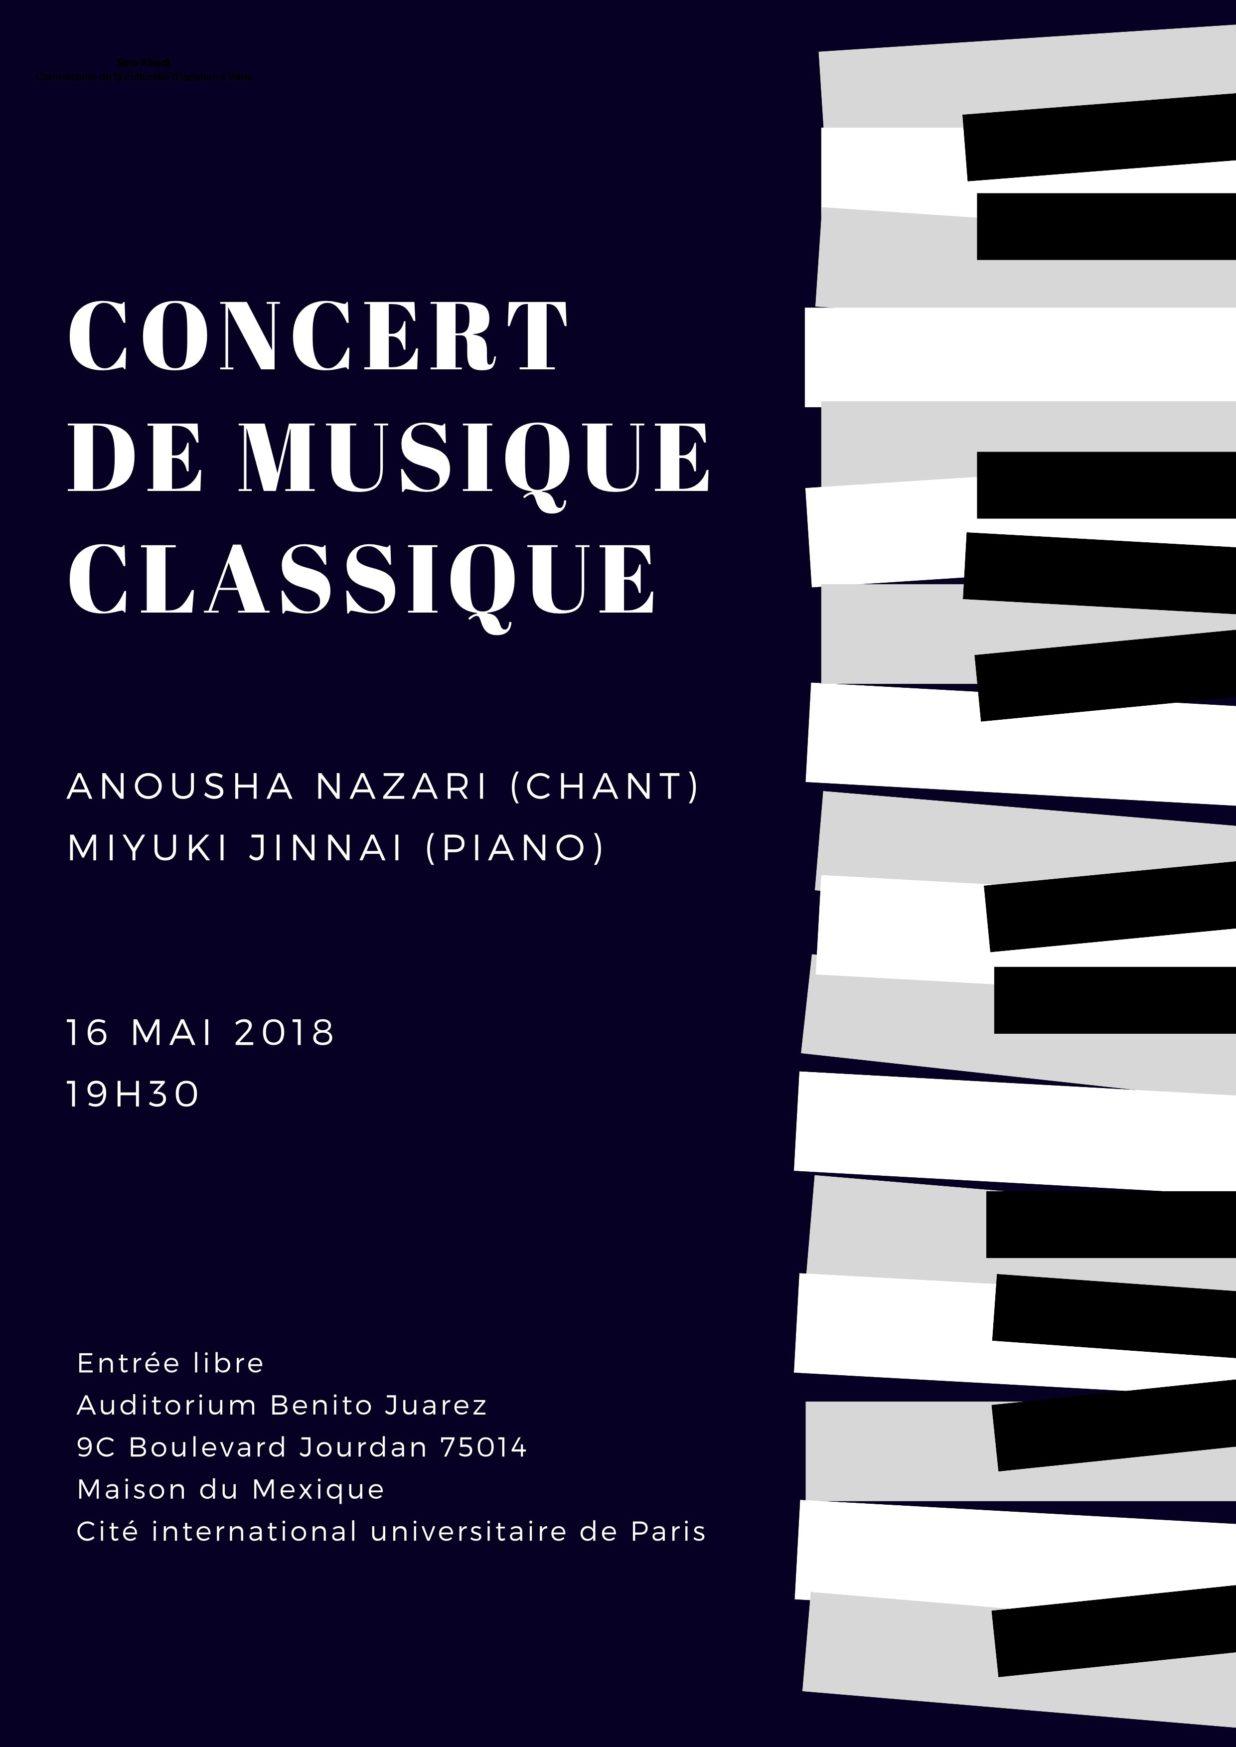 Concert de Musique Classique 16 mai 2018